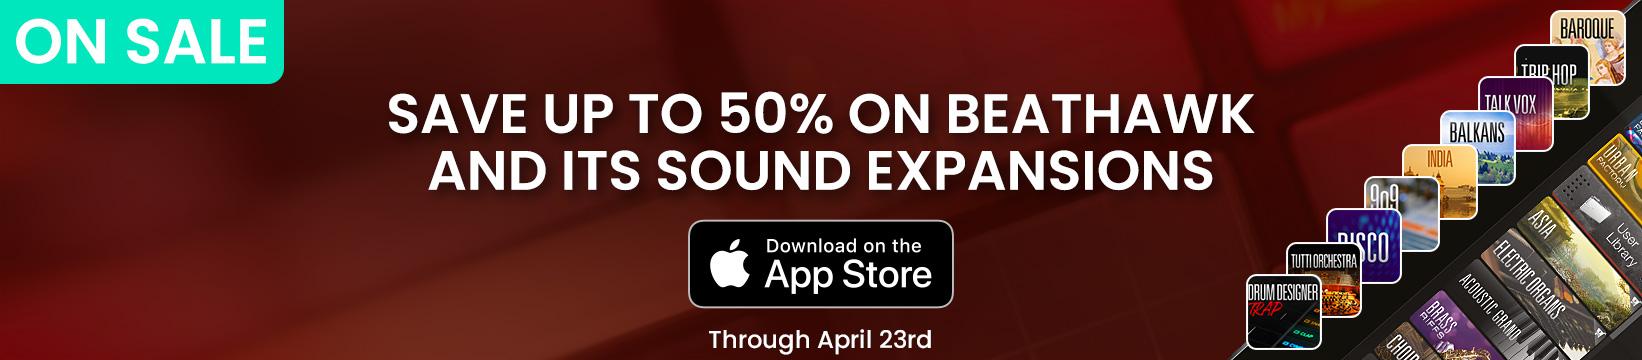 UVI BeatHawk   On sale